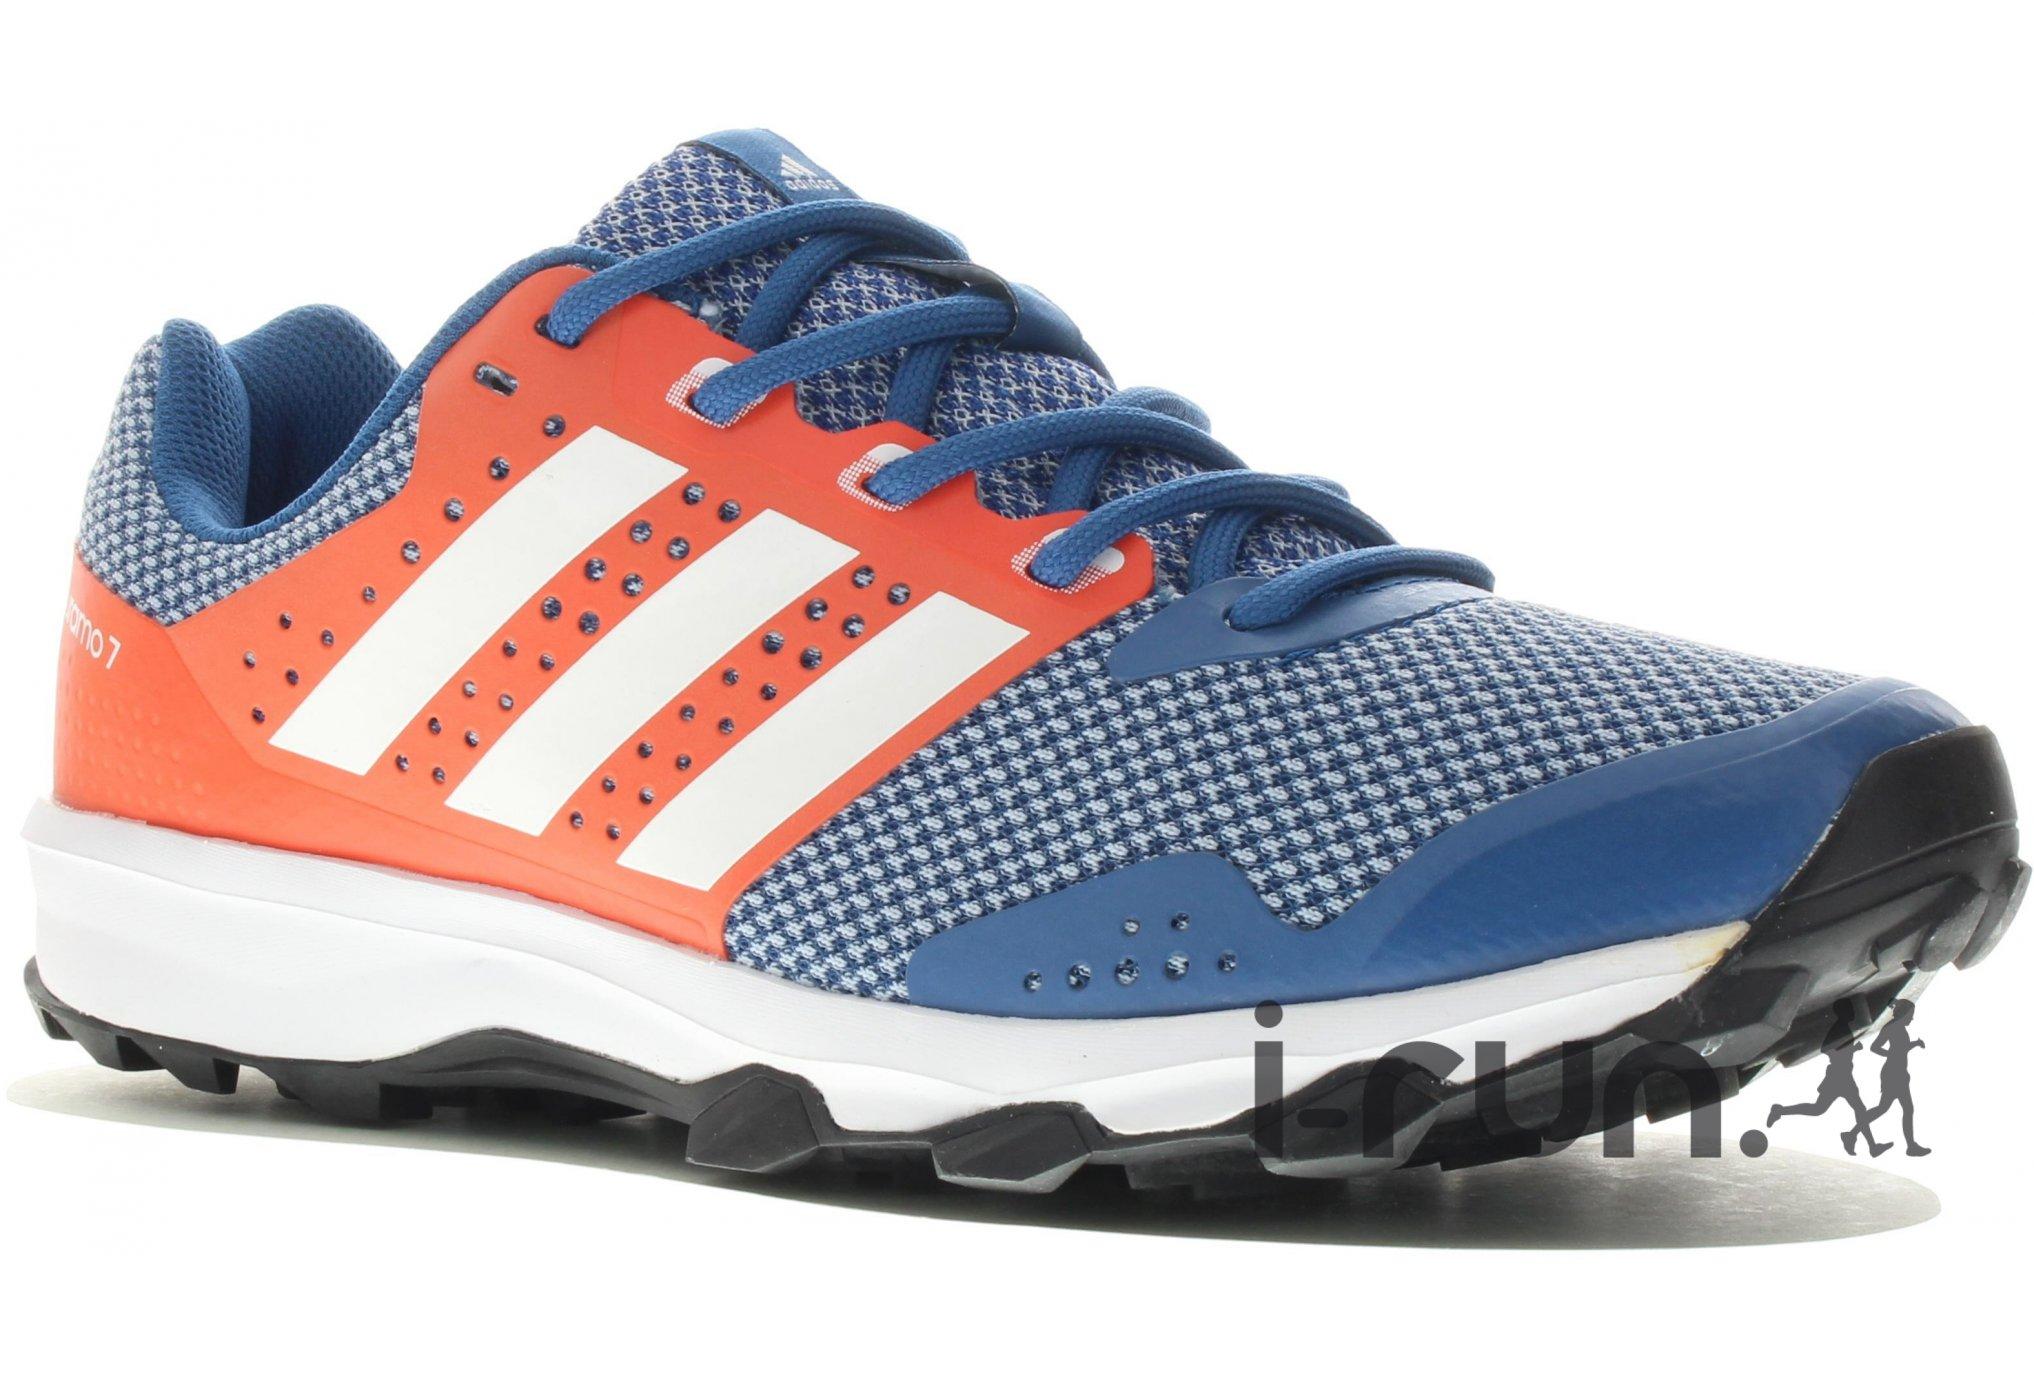 adidas Duramo 7 Trail M Chaussures homme